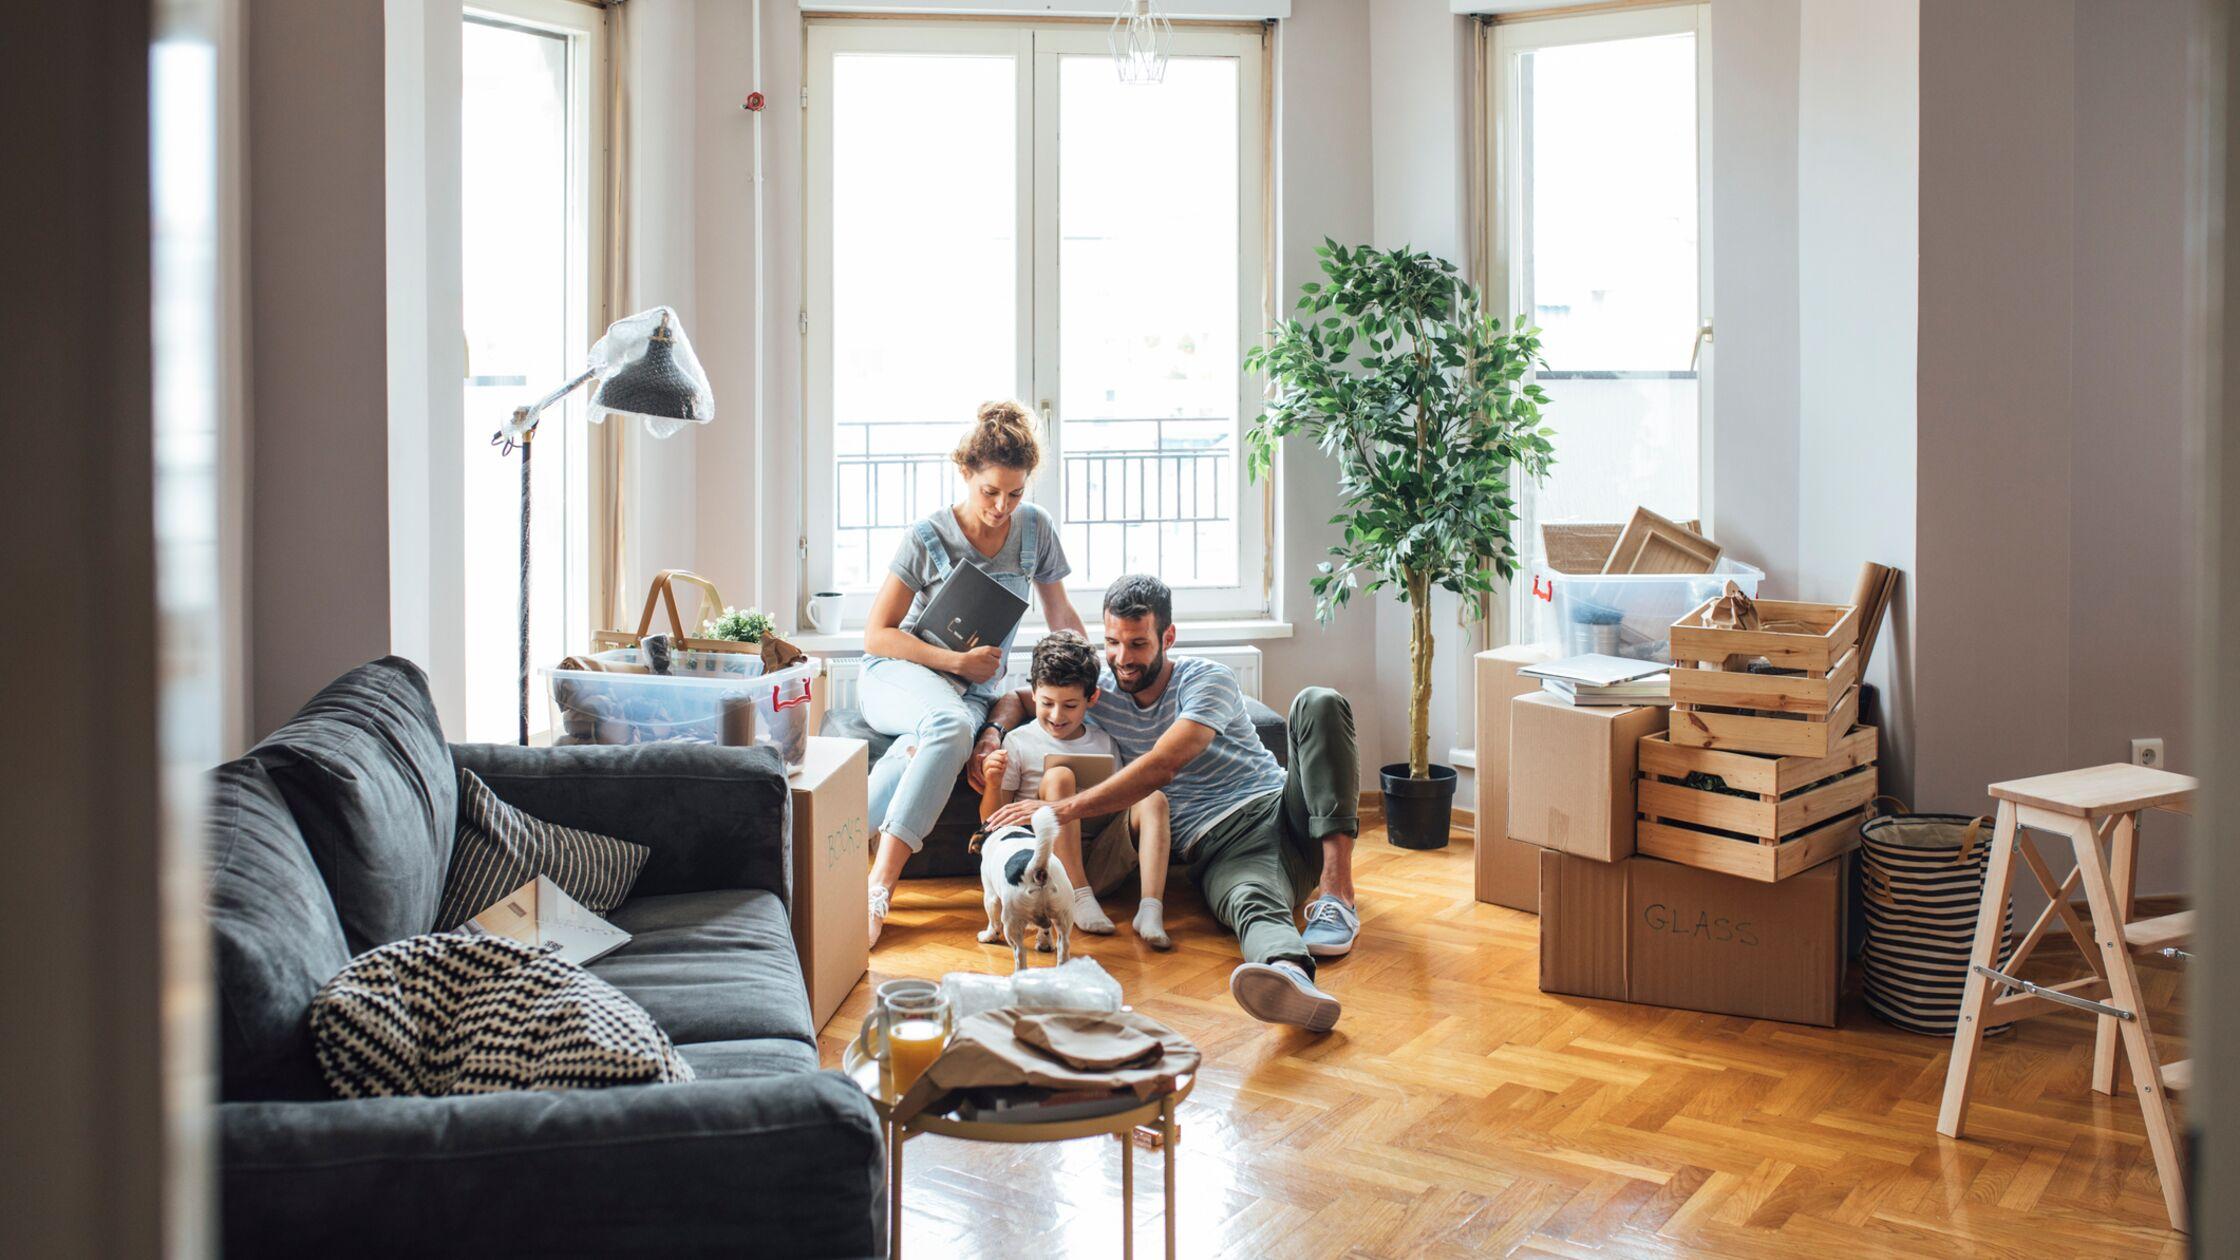 Wohnideen – Wohnung einrichten